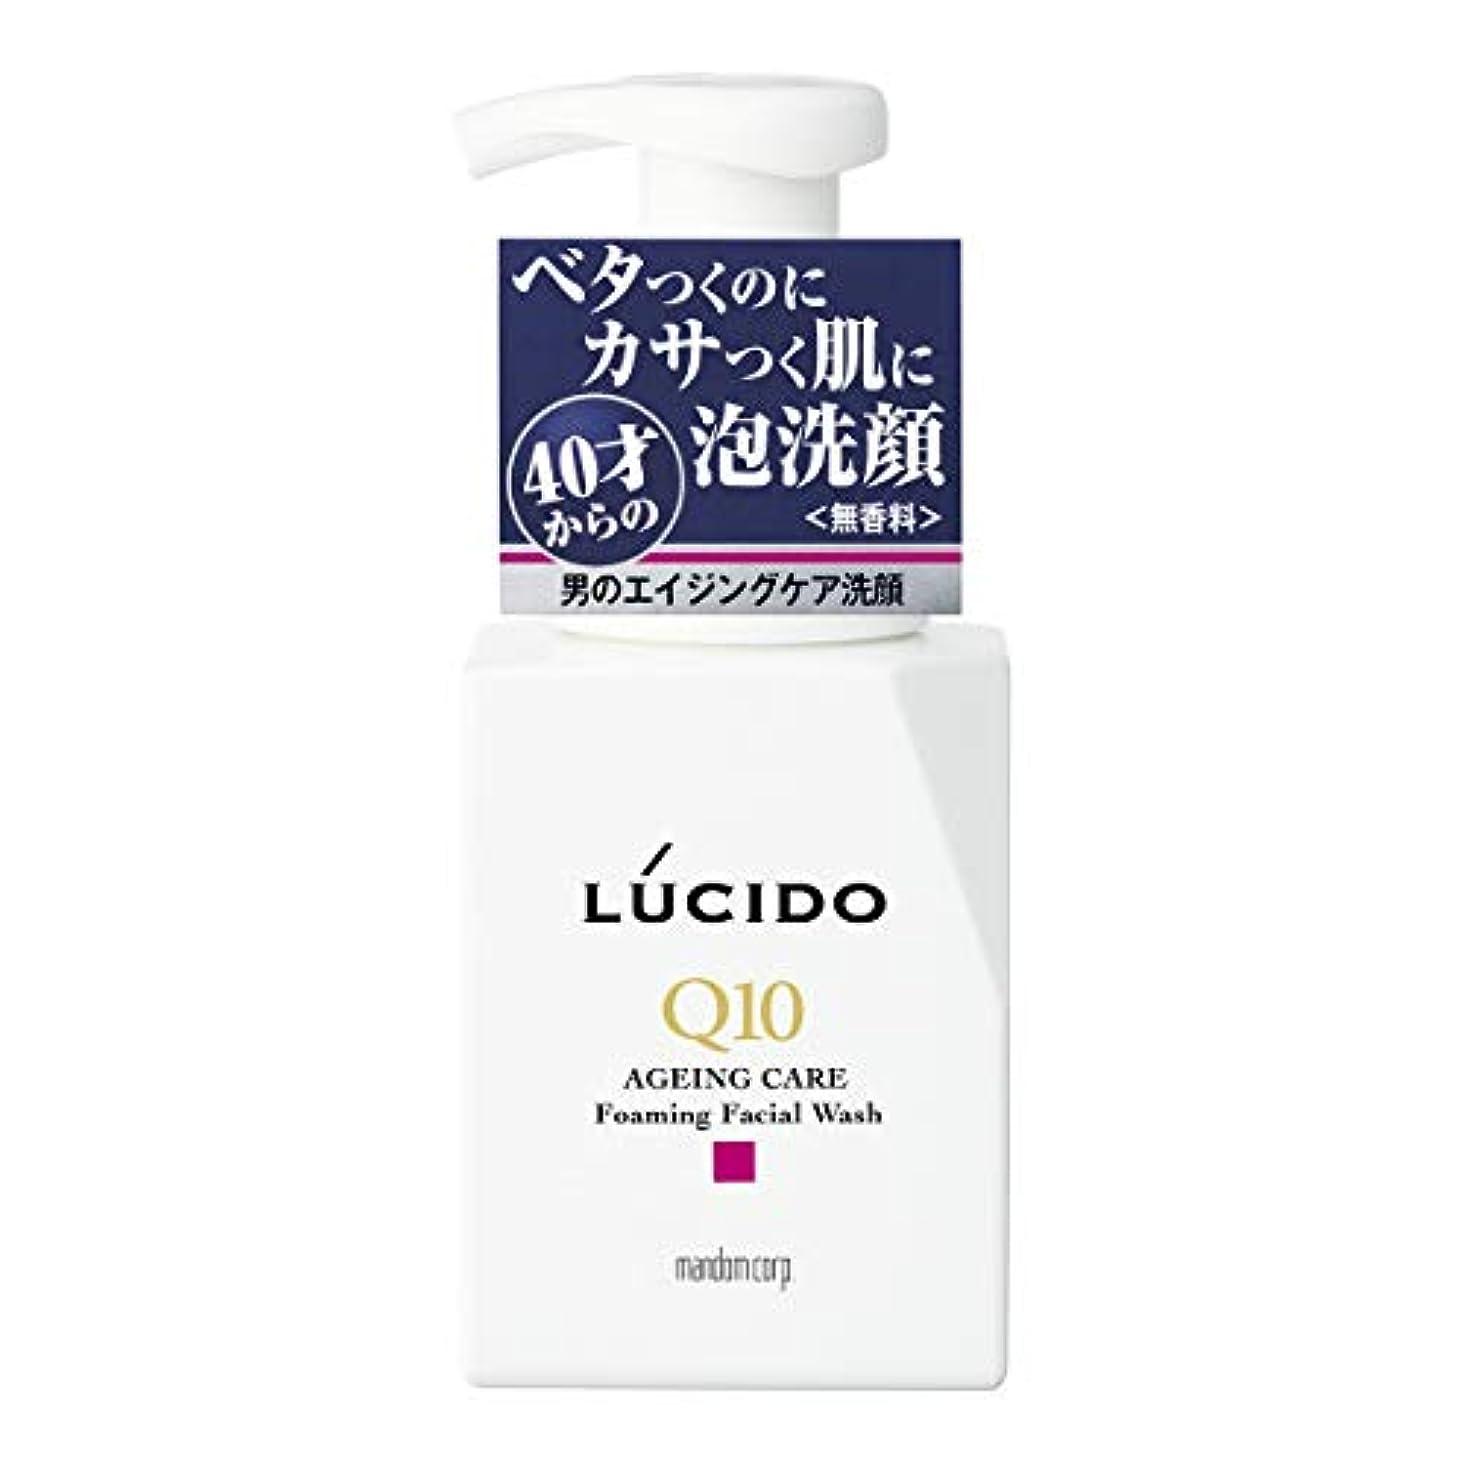 商標大宇宙光景LUCIDO(ルシード) トータルケア泡洗顔 Q10 150mL